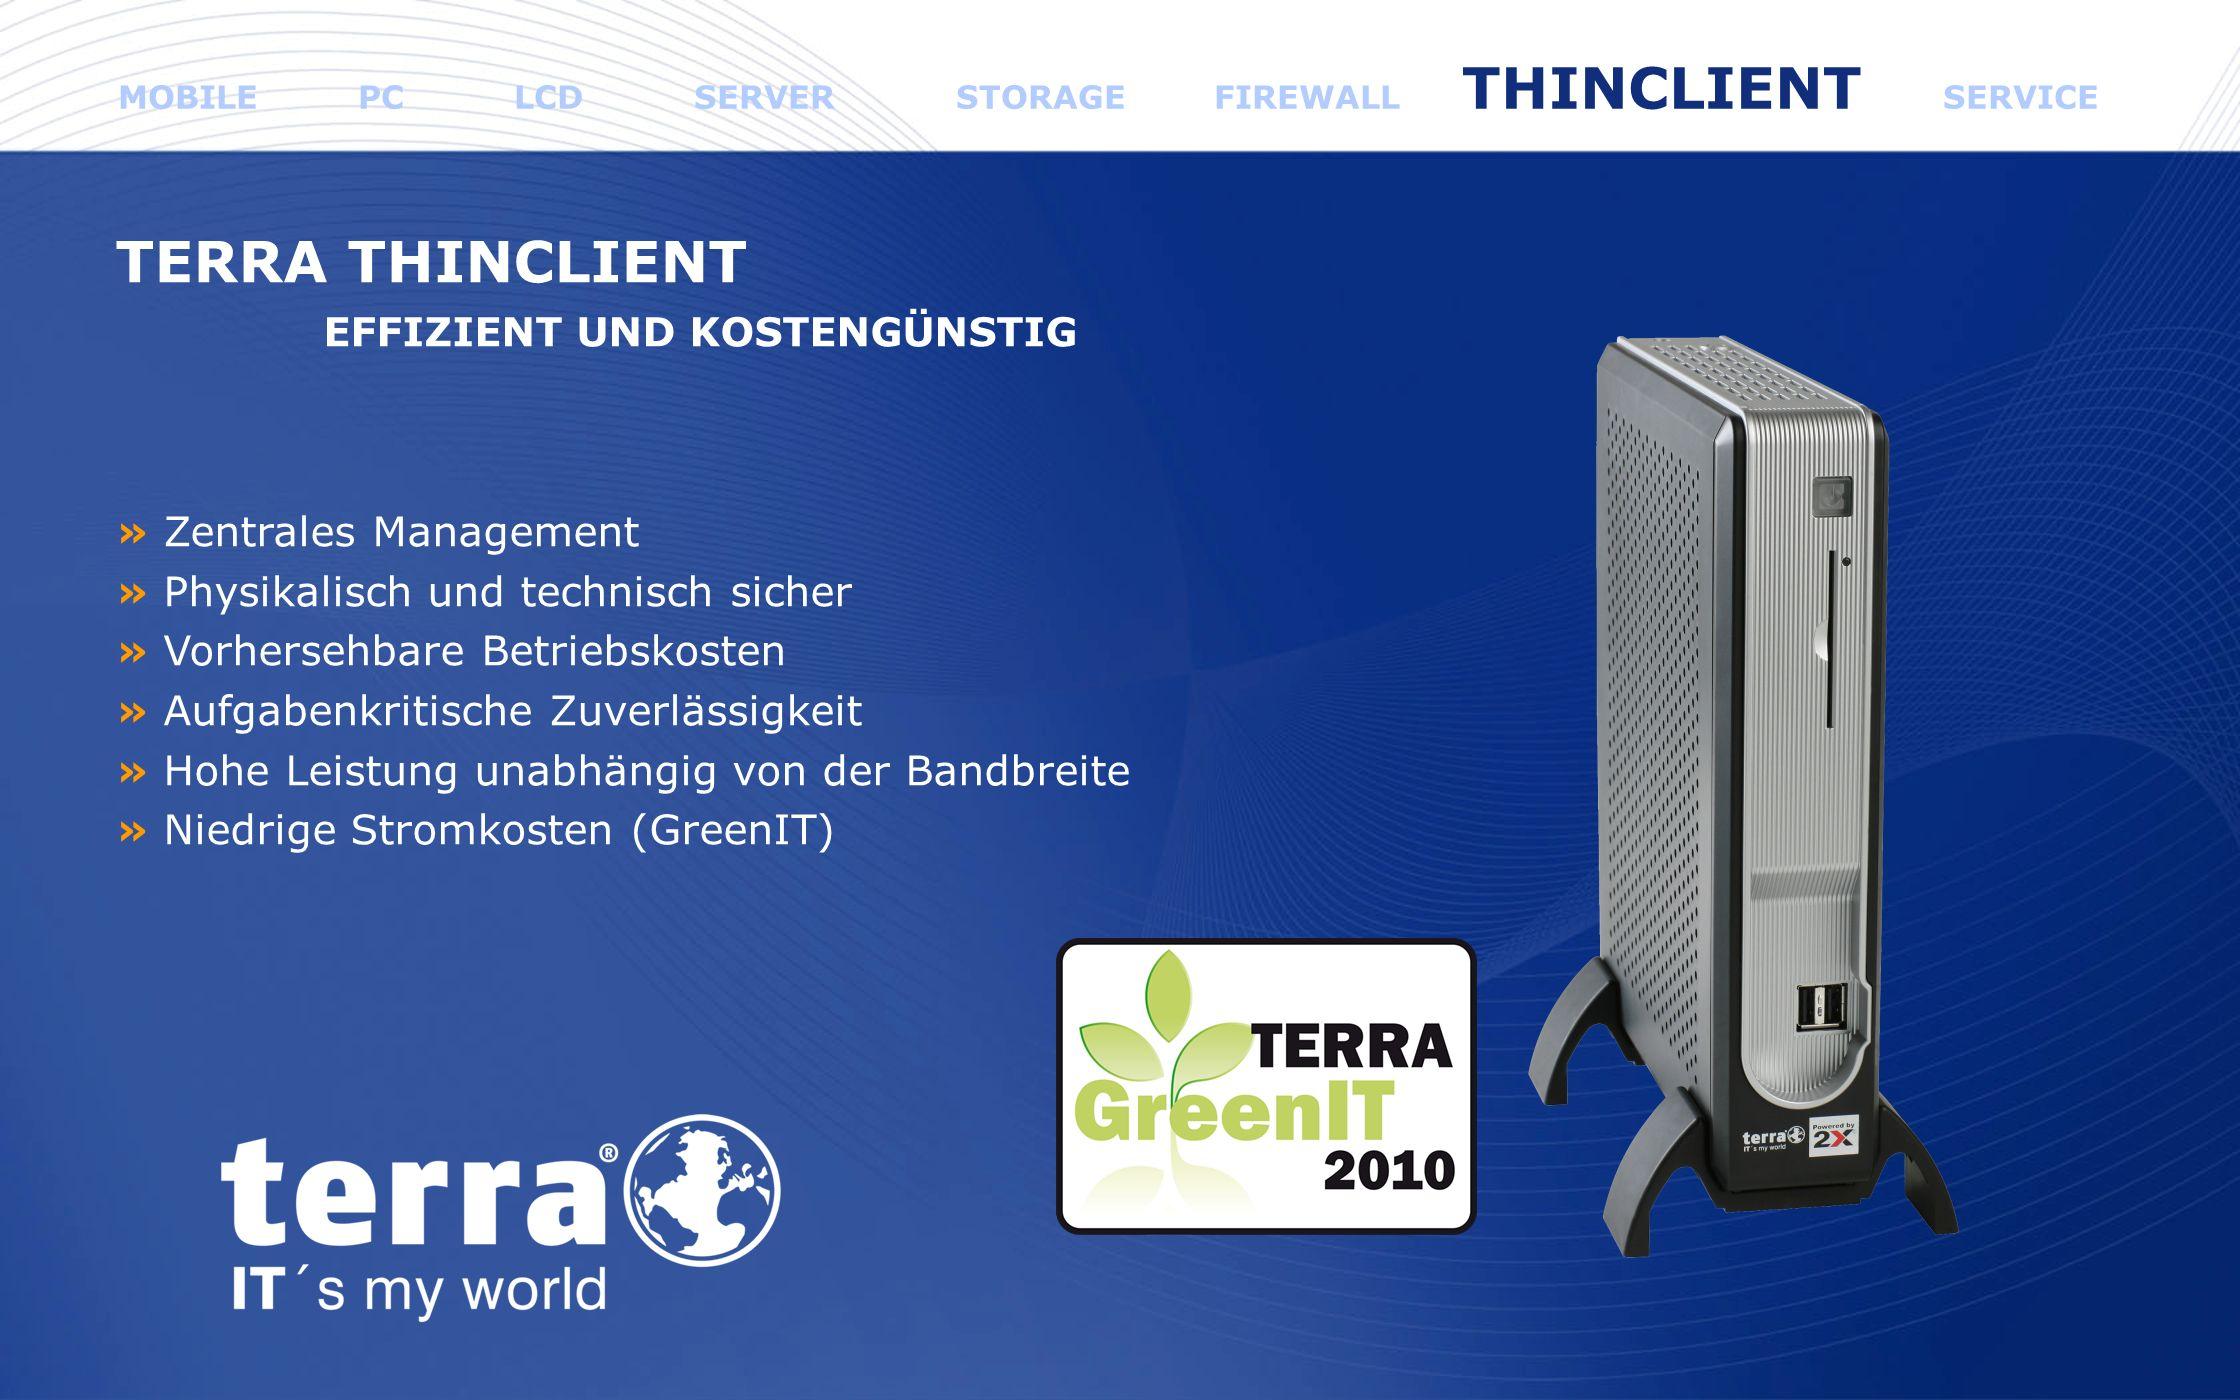 www.wortmann.de TERRA THINCLIENT EFFIZIENT UND KOSTENGÜNSTIG » Zentrales Management » Physikalisch und technisch sicher » Vorhersehbare Betriebskosten